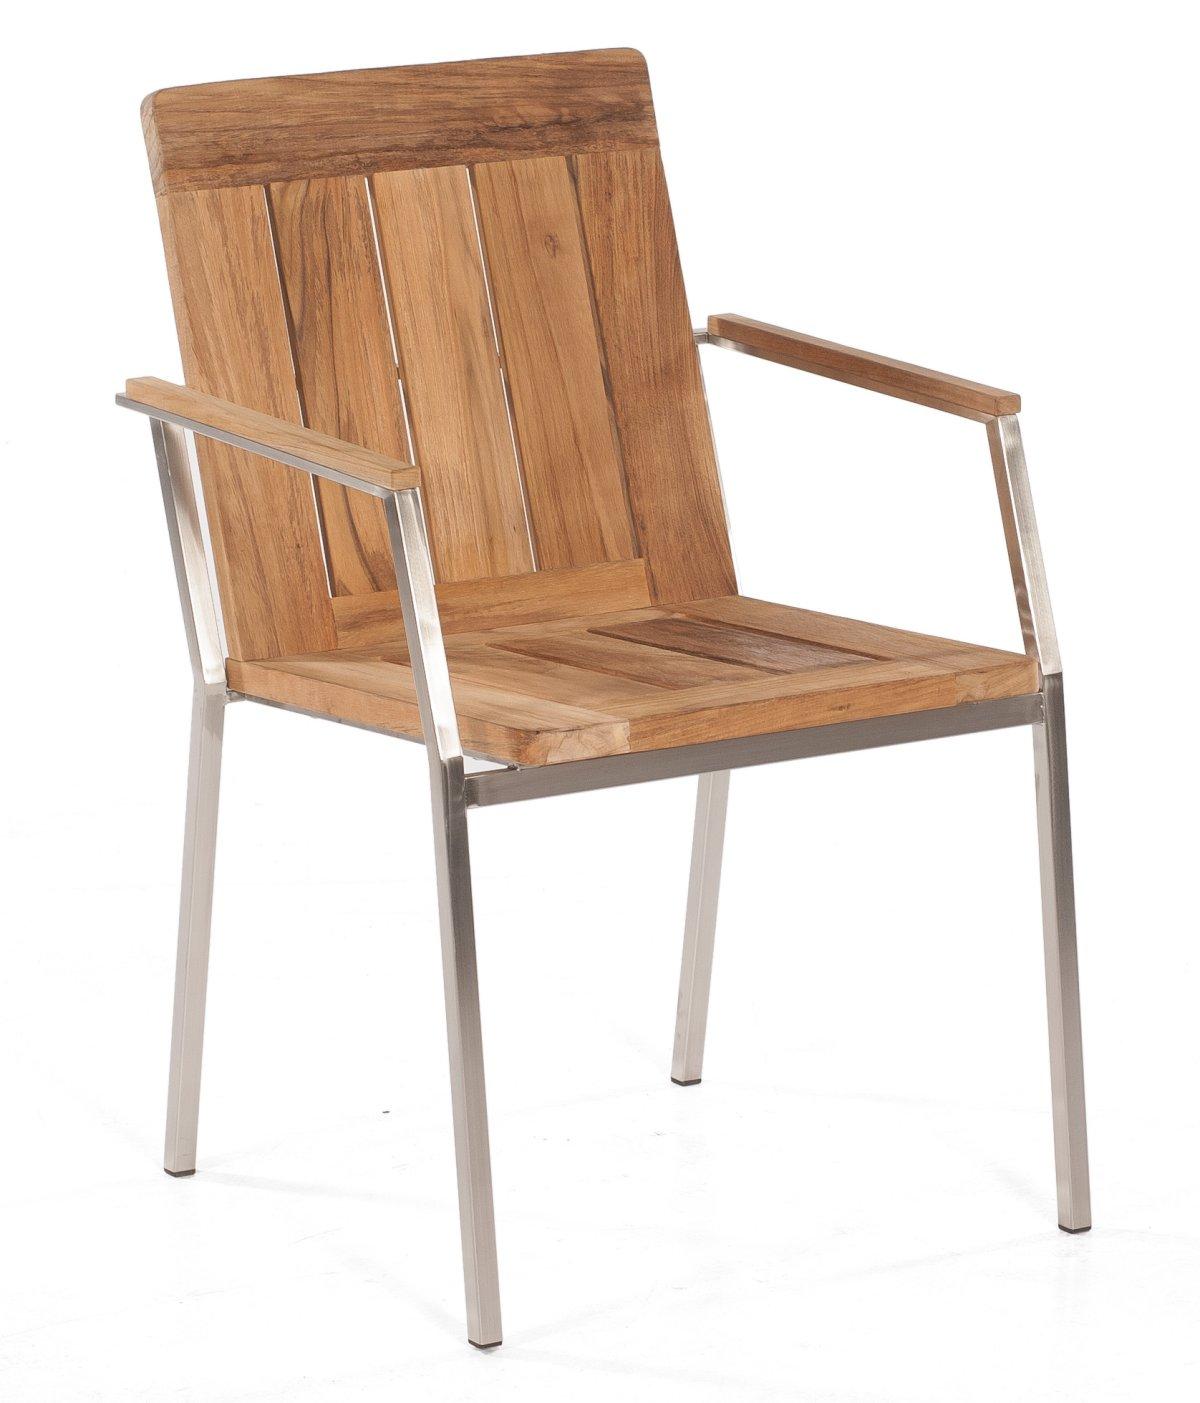 Gartenmobel Aus Holz Saubern :  robuster und stapelbarer Gartenstuhl aus Edelstahl und Old Teak massiv